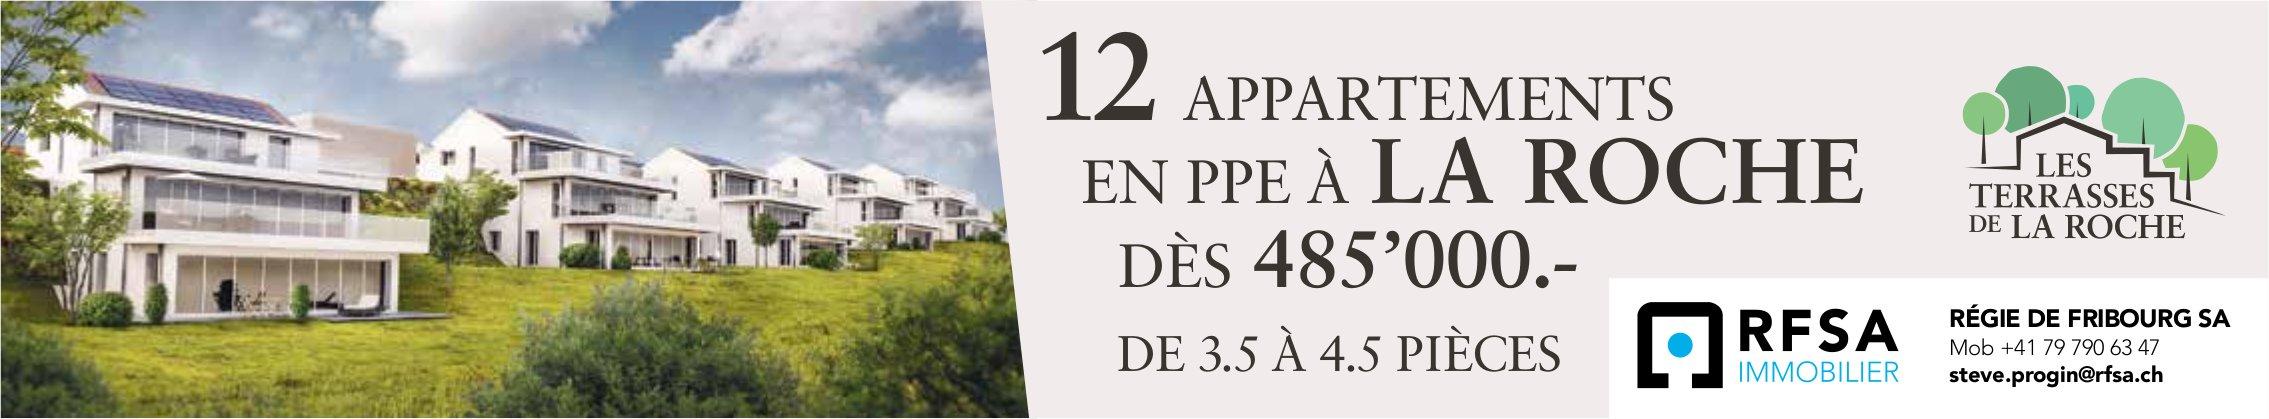 Appartements, 3.5 à 4.5 pièces, La Roche, à louer